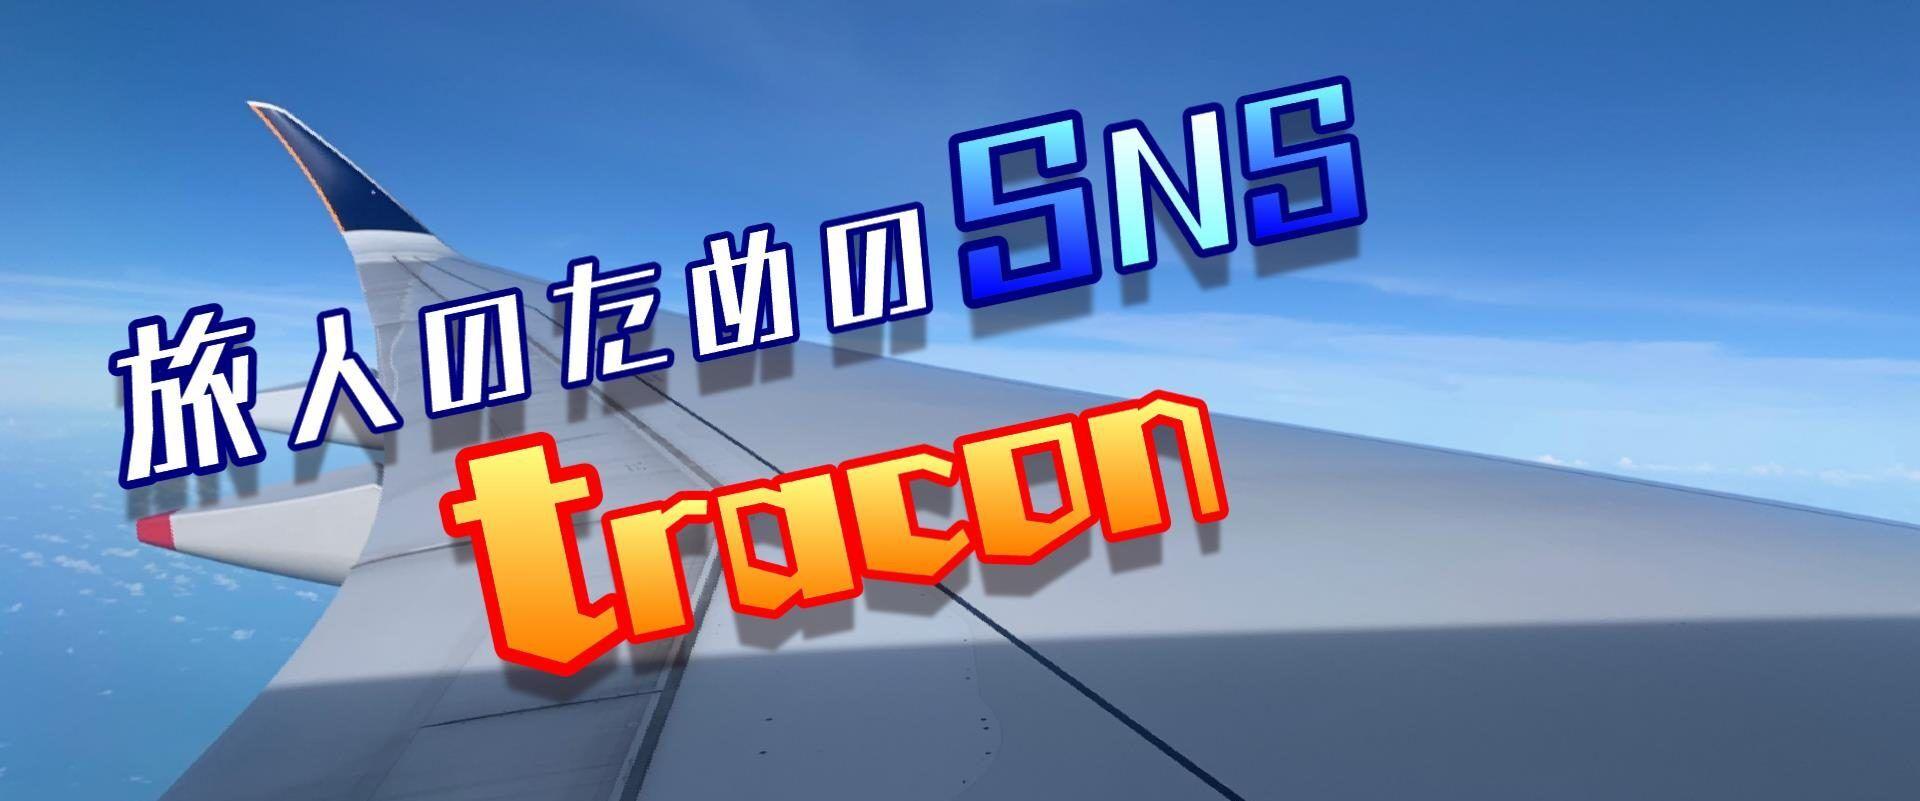 旅人のためのSNS「トラコン」